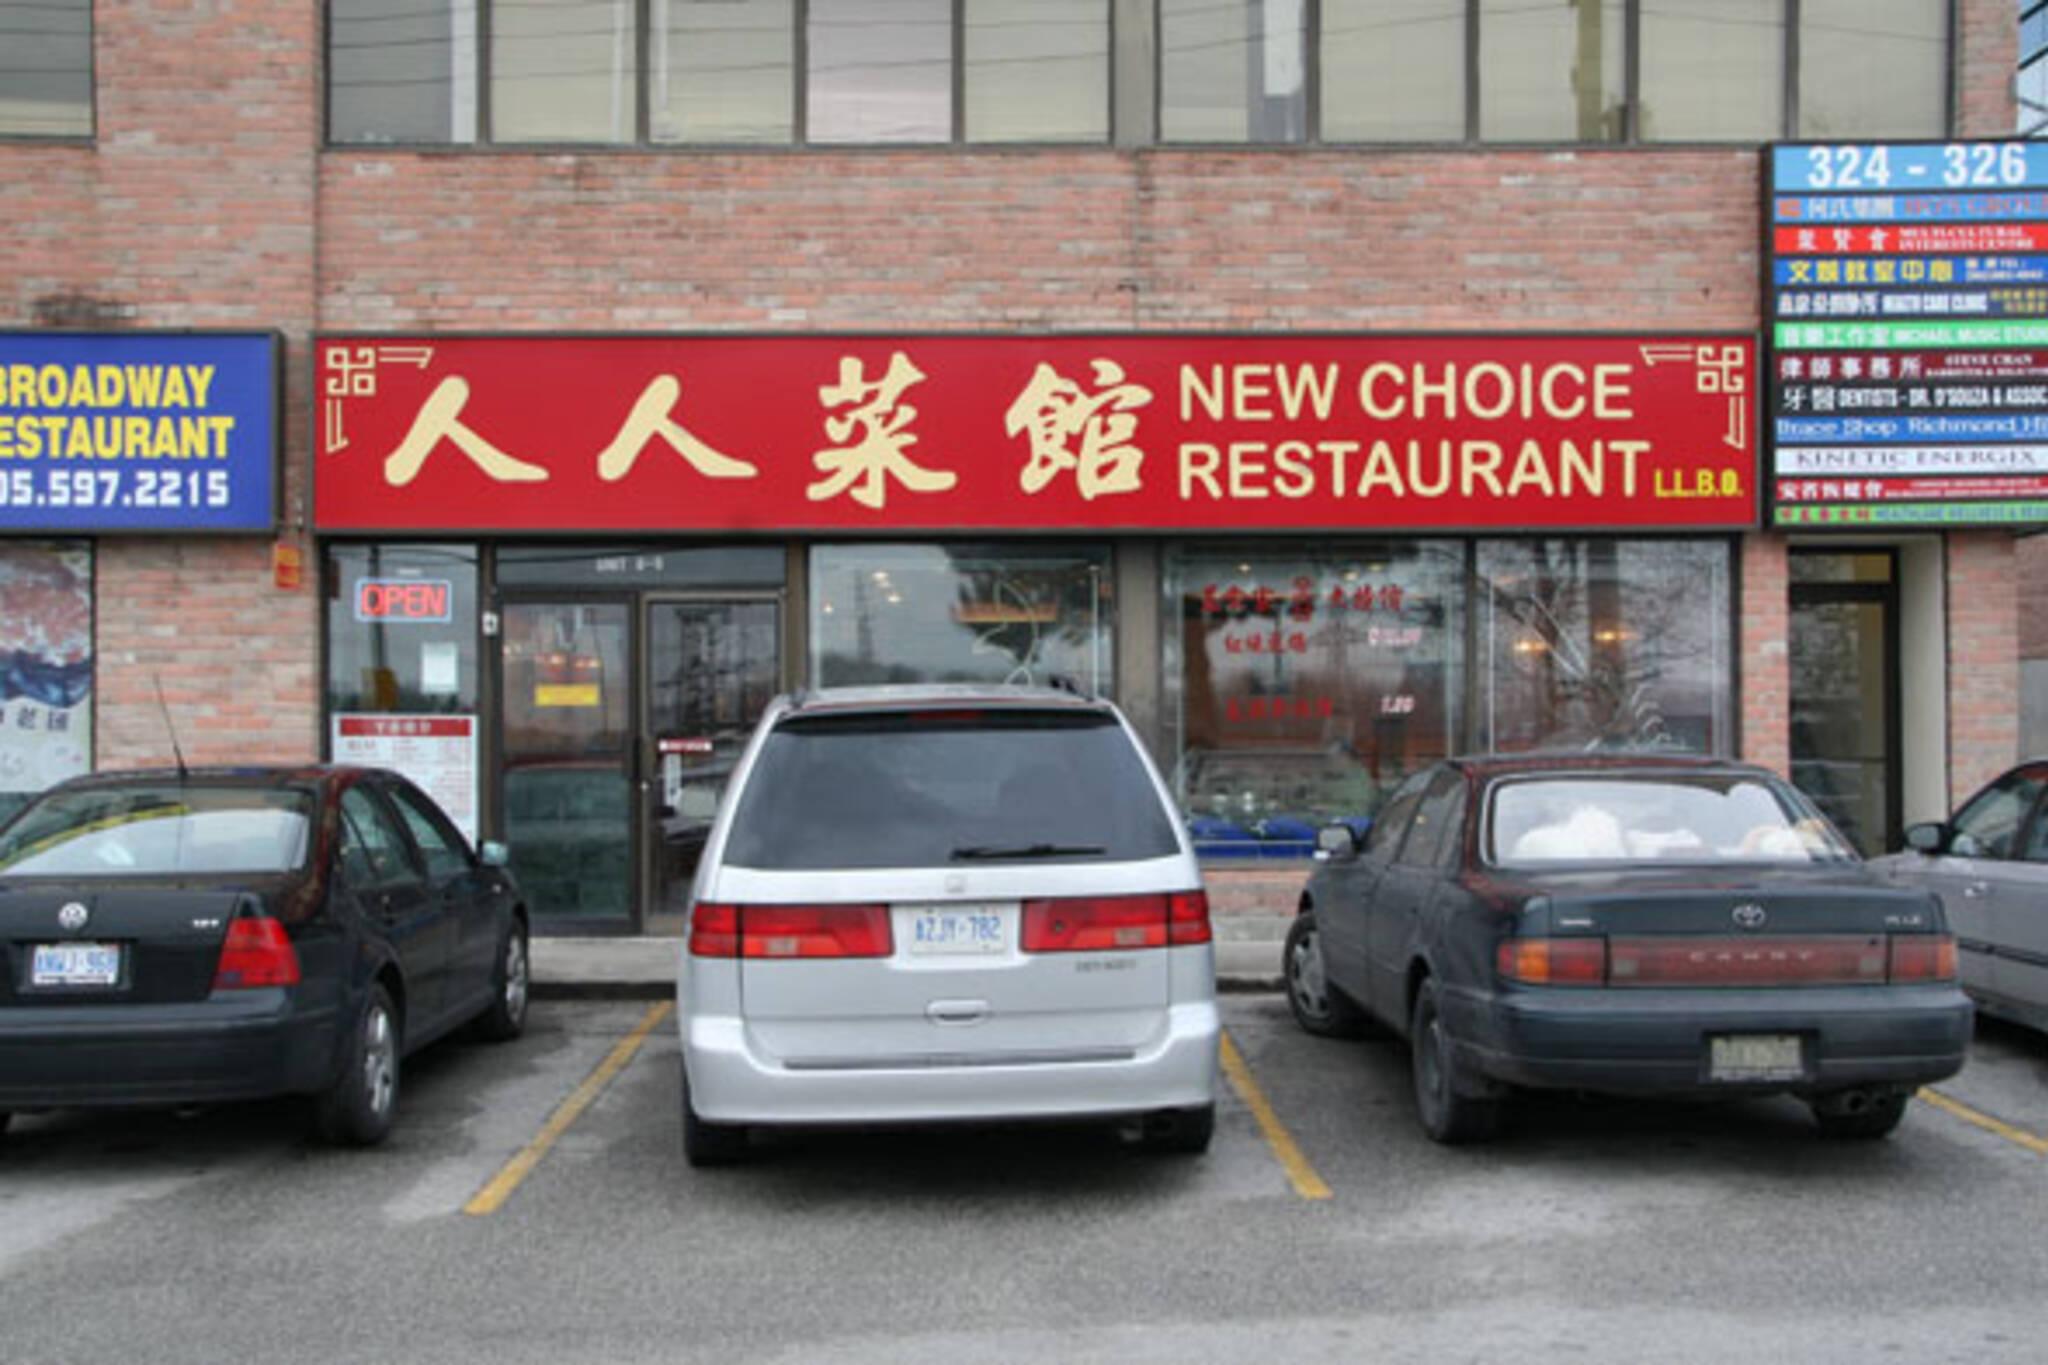 New Choice Restaurant